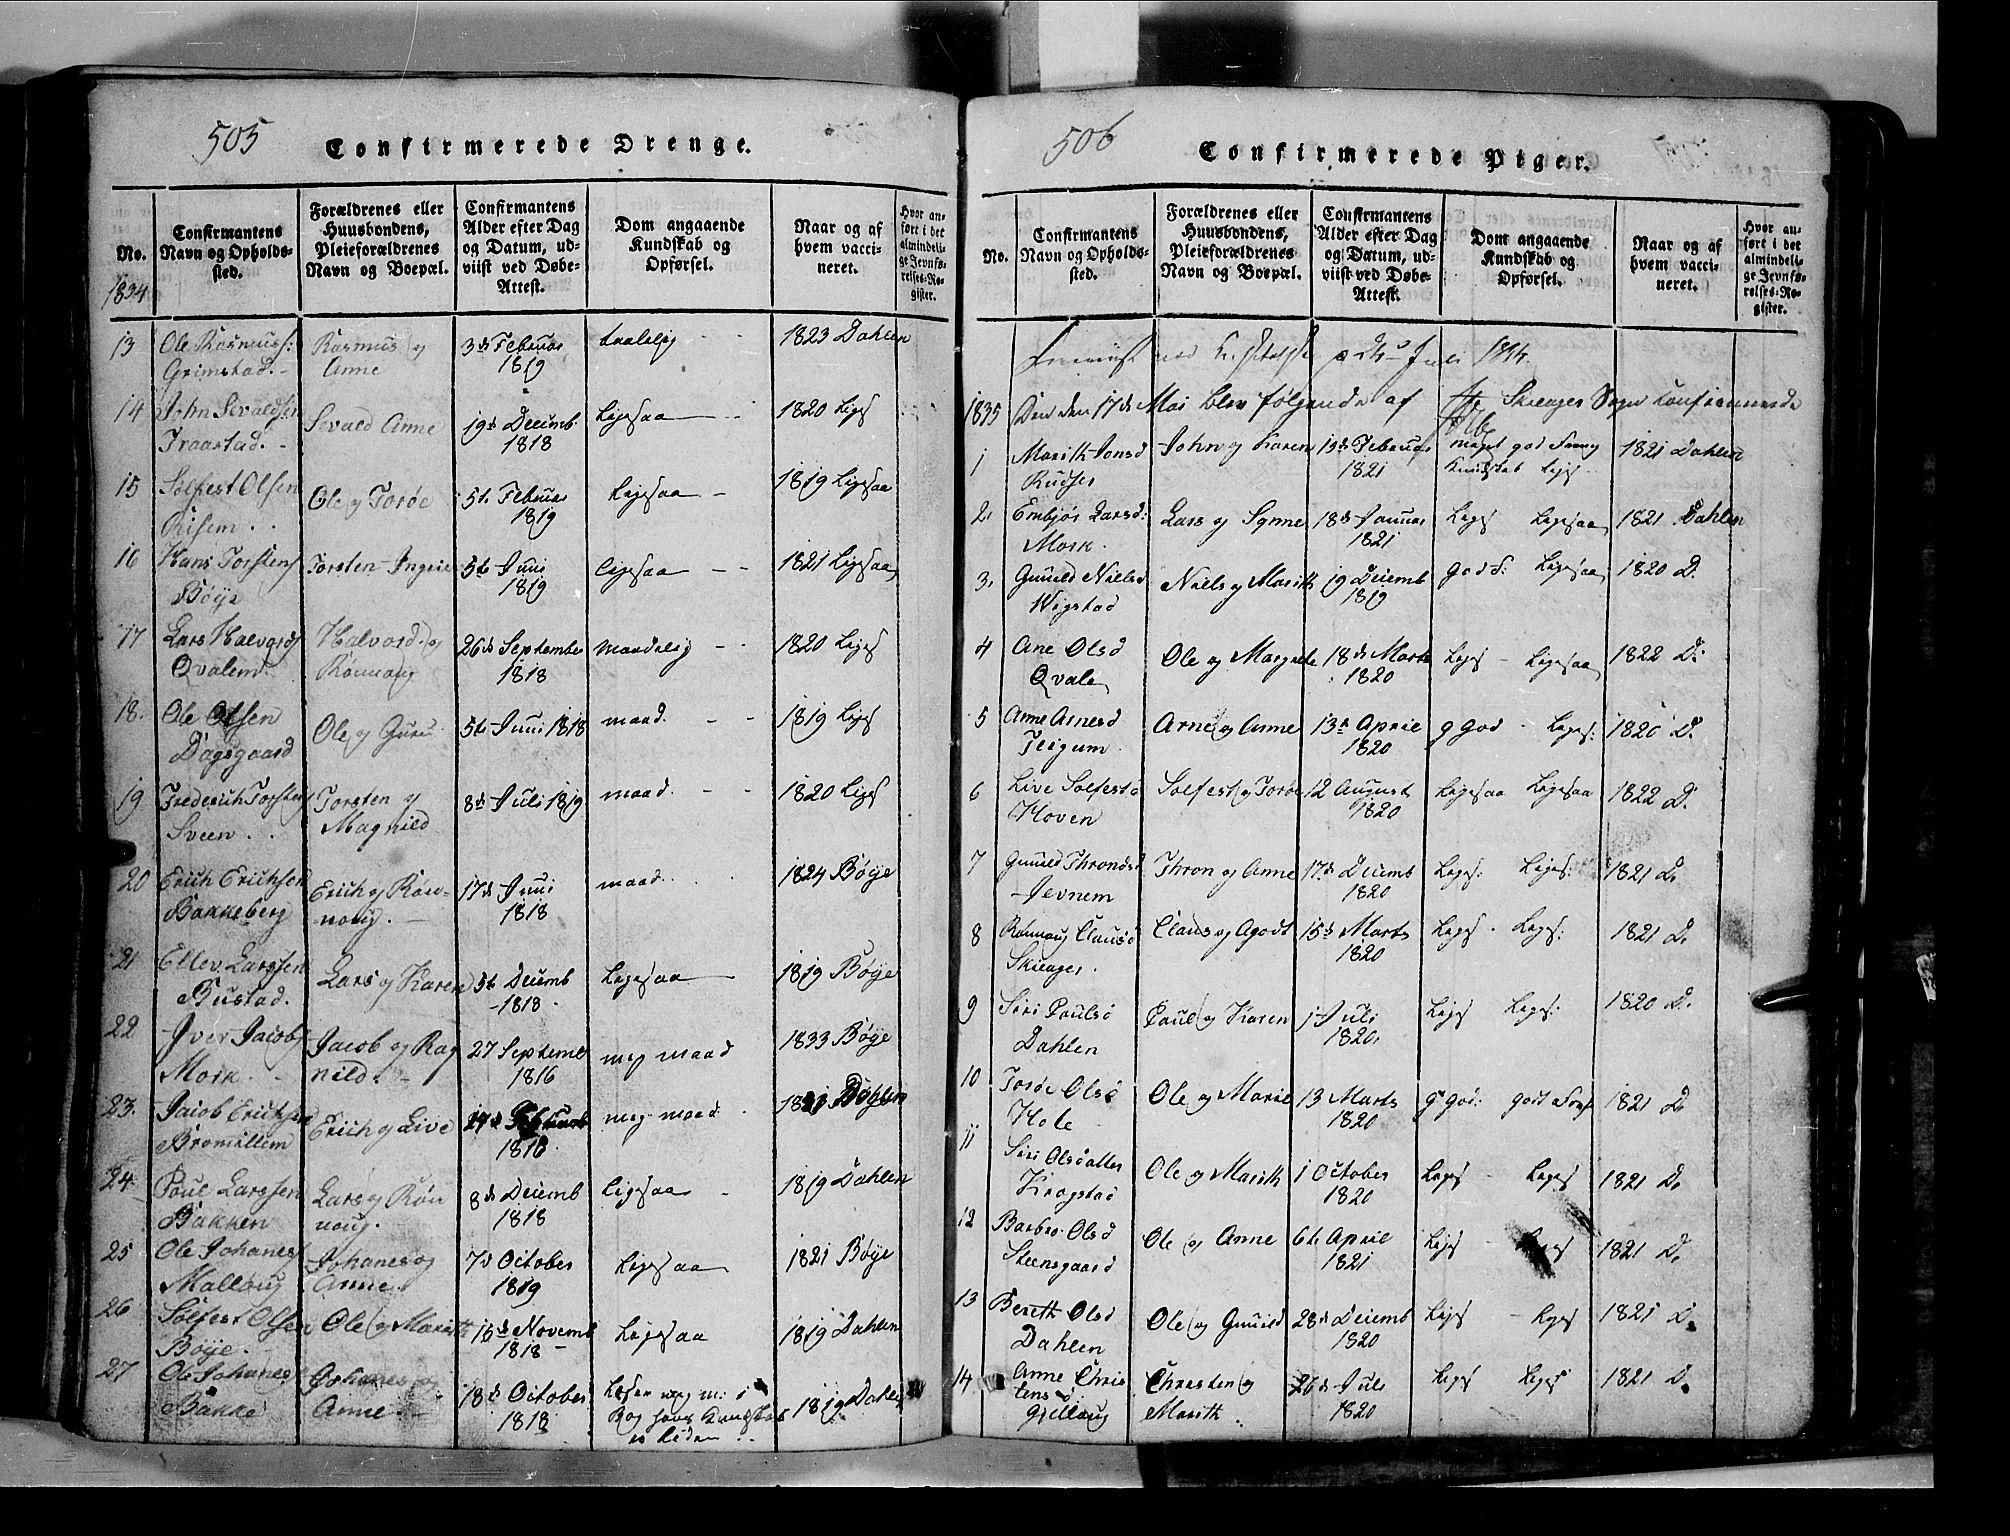 SAH, Lom prestekontor, L/L0003: Klokkerbok nr. 3, 1815-1844, s. 505-506